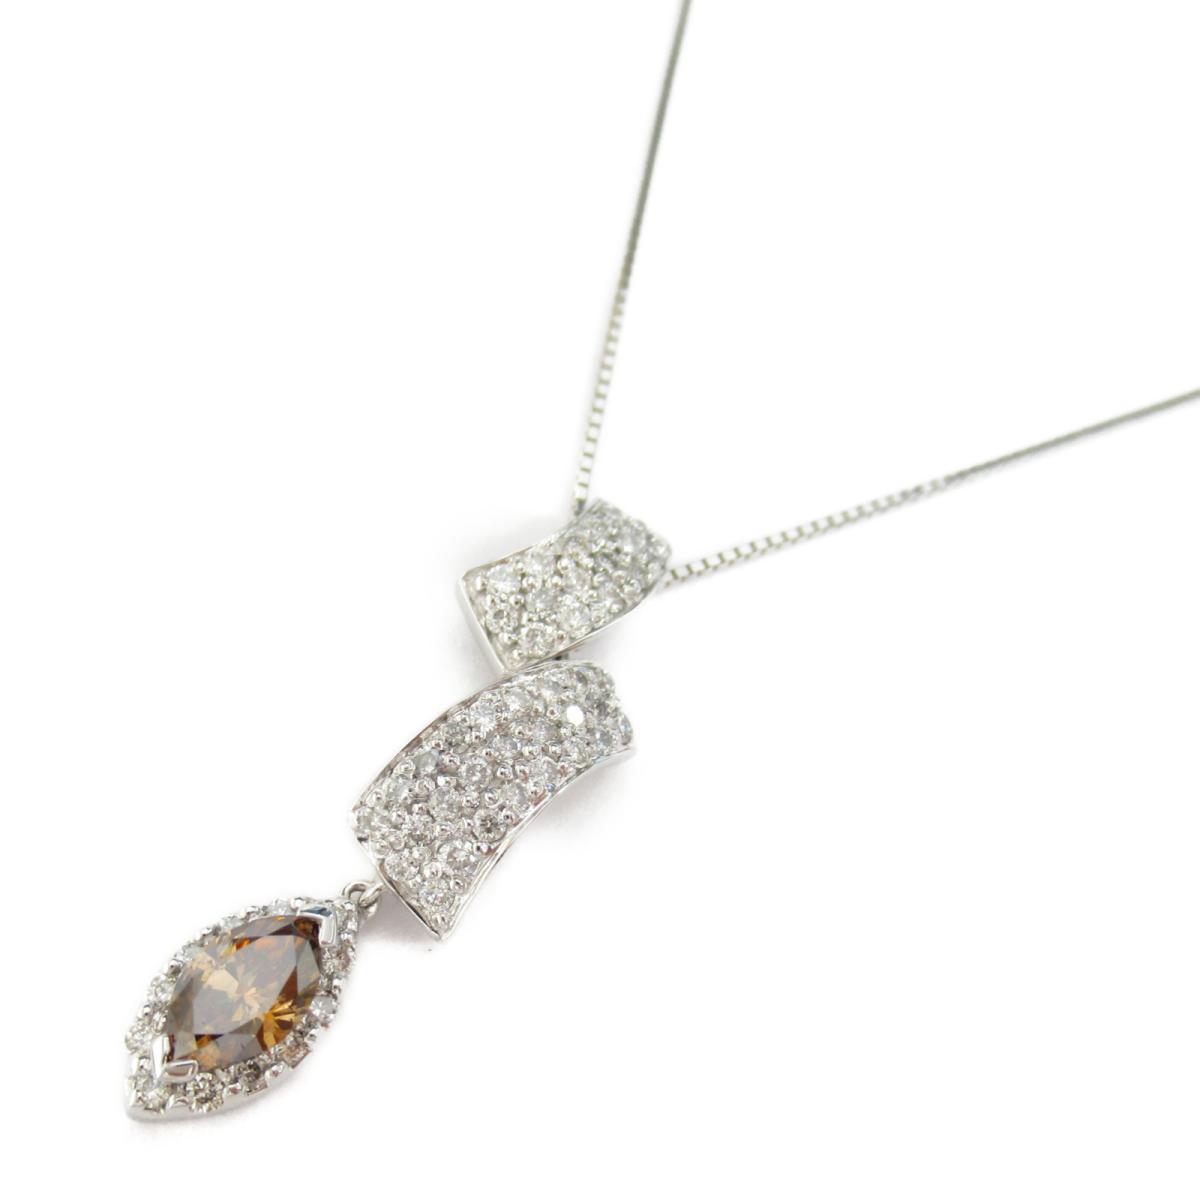 【中古】ジュエリー ダイヤモンド ネックレス レディース ダイヤモンド1.15ct x K18WG(ホワイトゴールド)